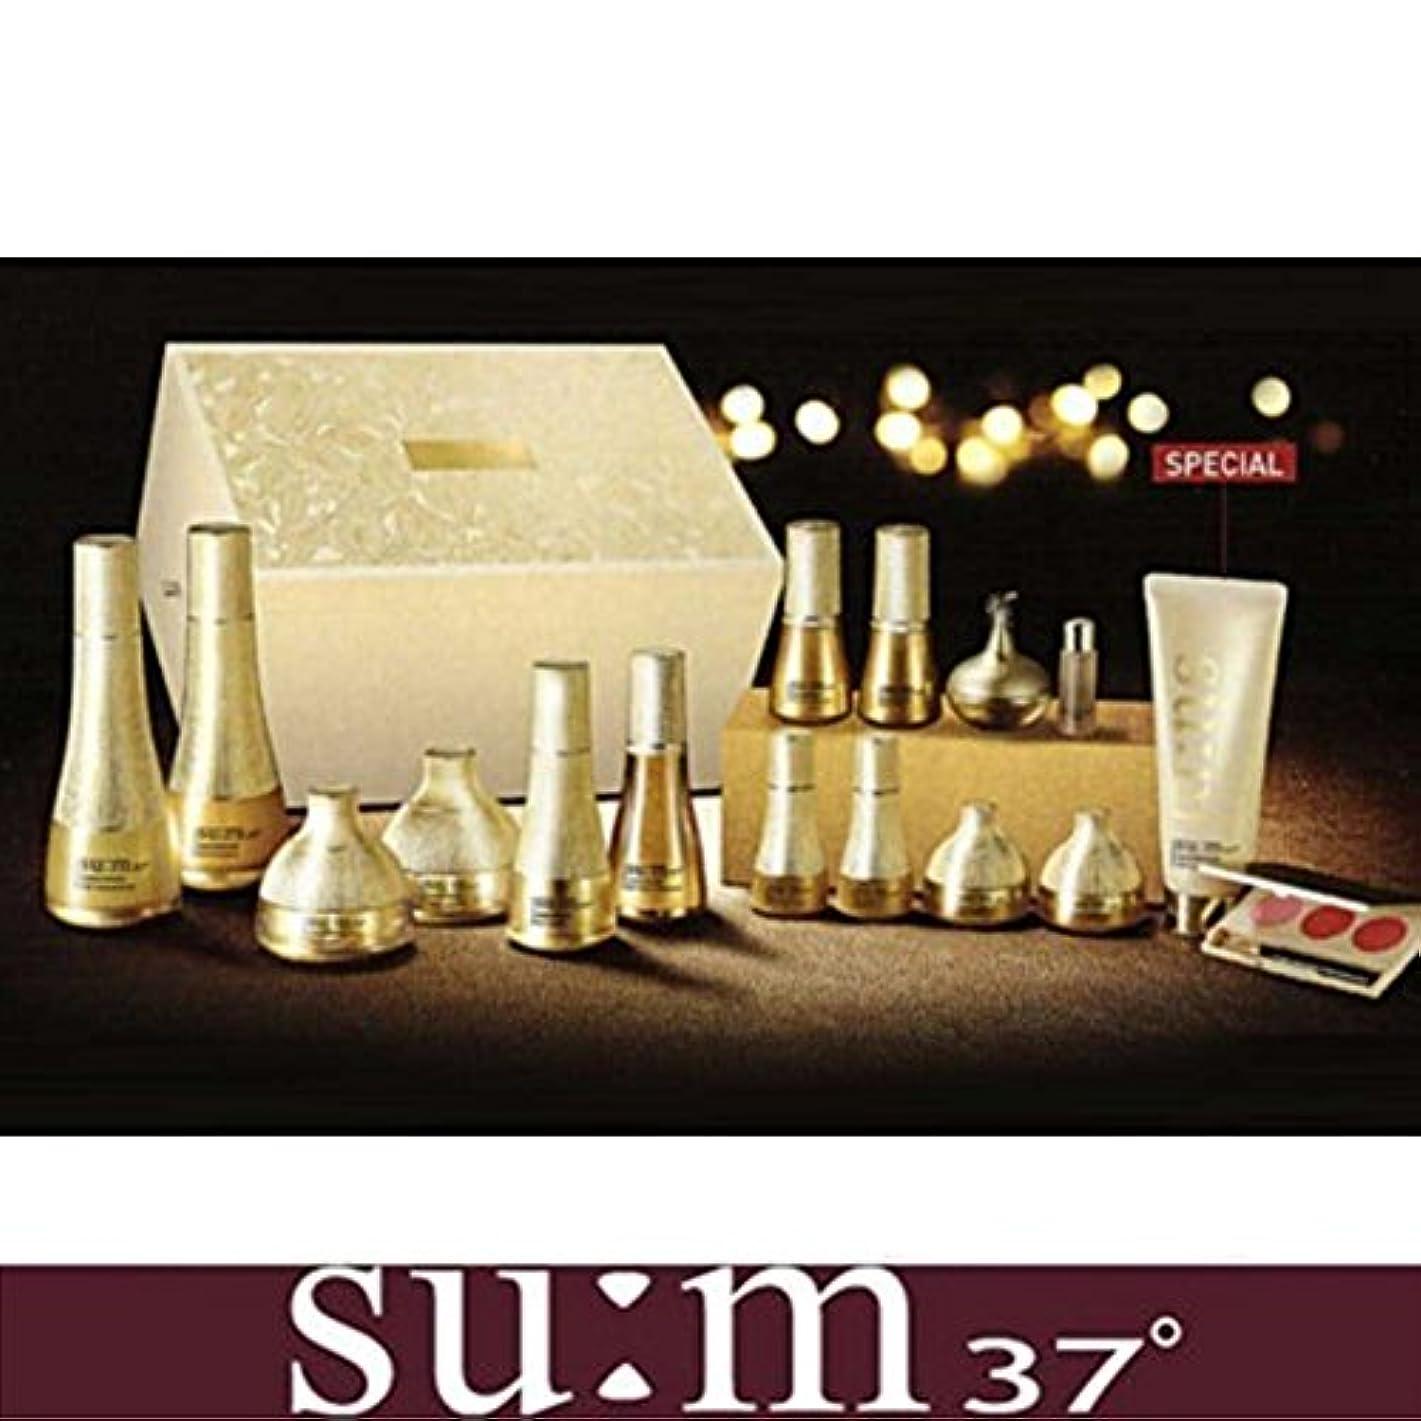 ジェーンオースティン免疫許される[su:m37/スム37°]LosecSumma Premium Special Limited Skincare Set/プレミアムスペシャルリミテッドスキンケアセット + [Sample Gift](海外直送品)